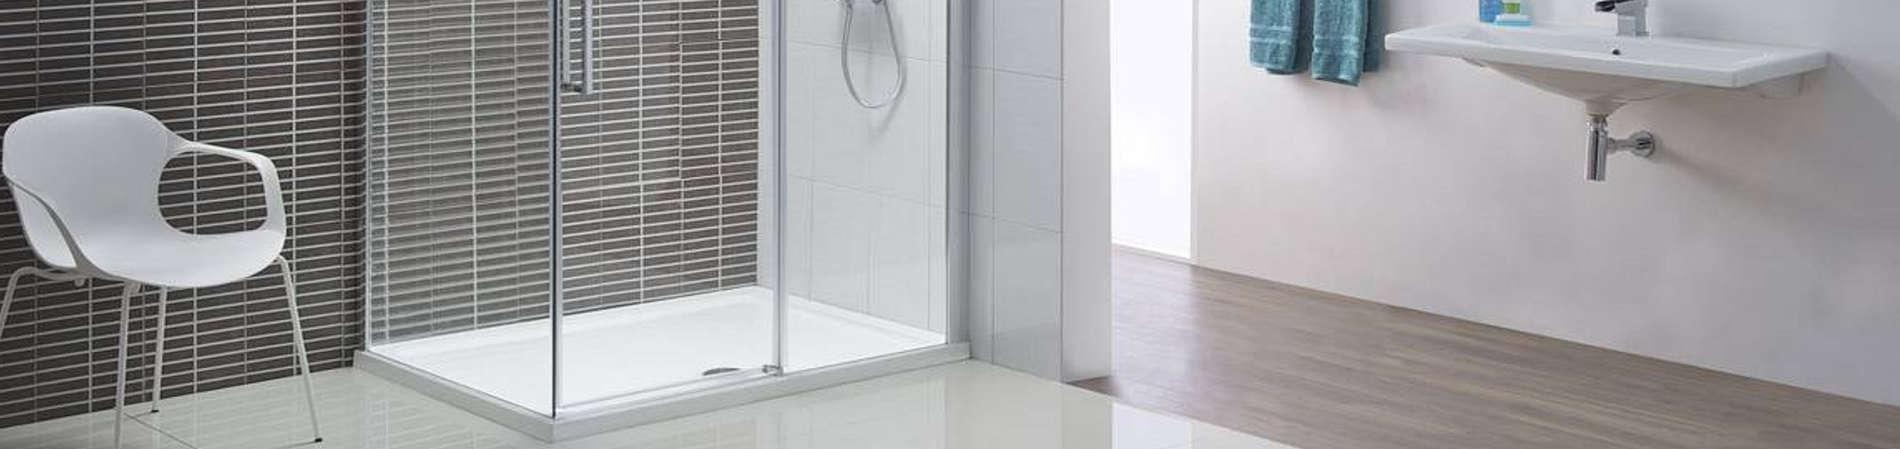 Presupuesto cambiar ba era por plato ducha gratis cronoshare - Cambiar banera por ducha ...